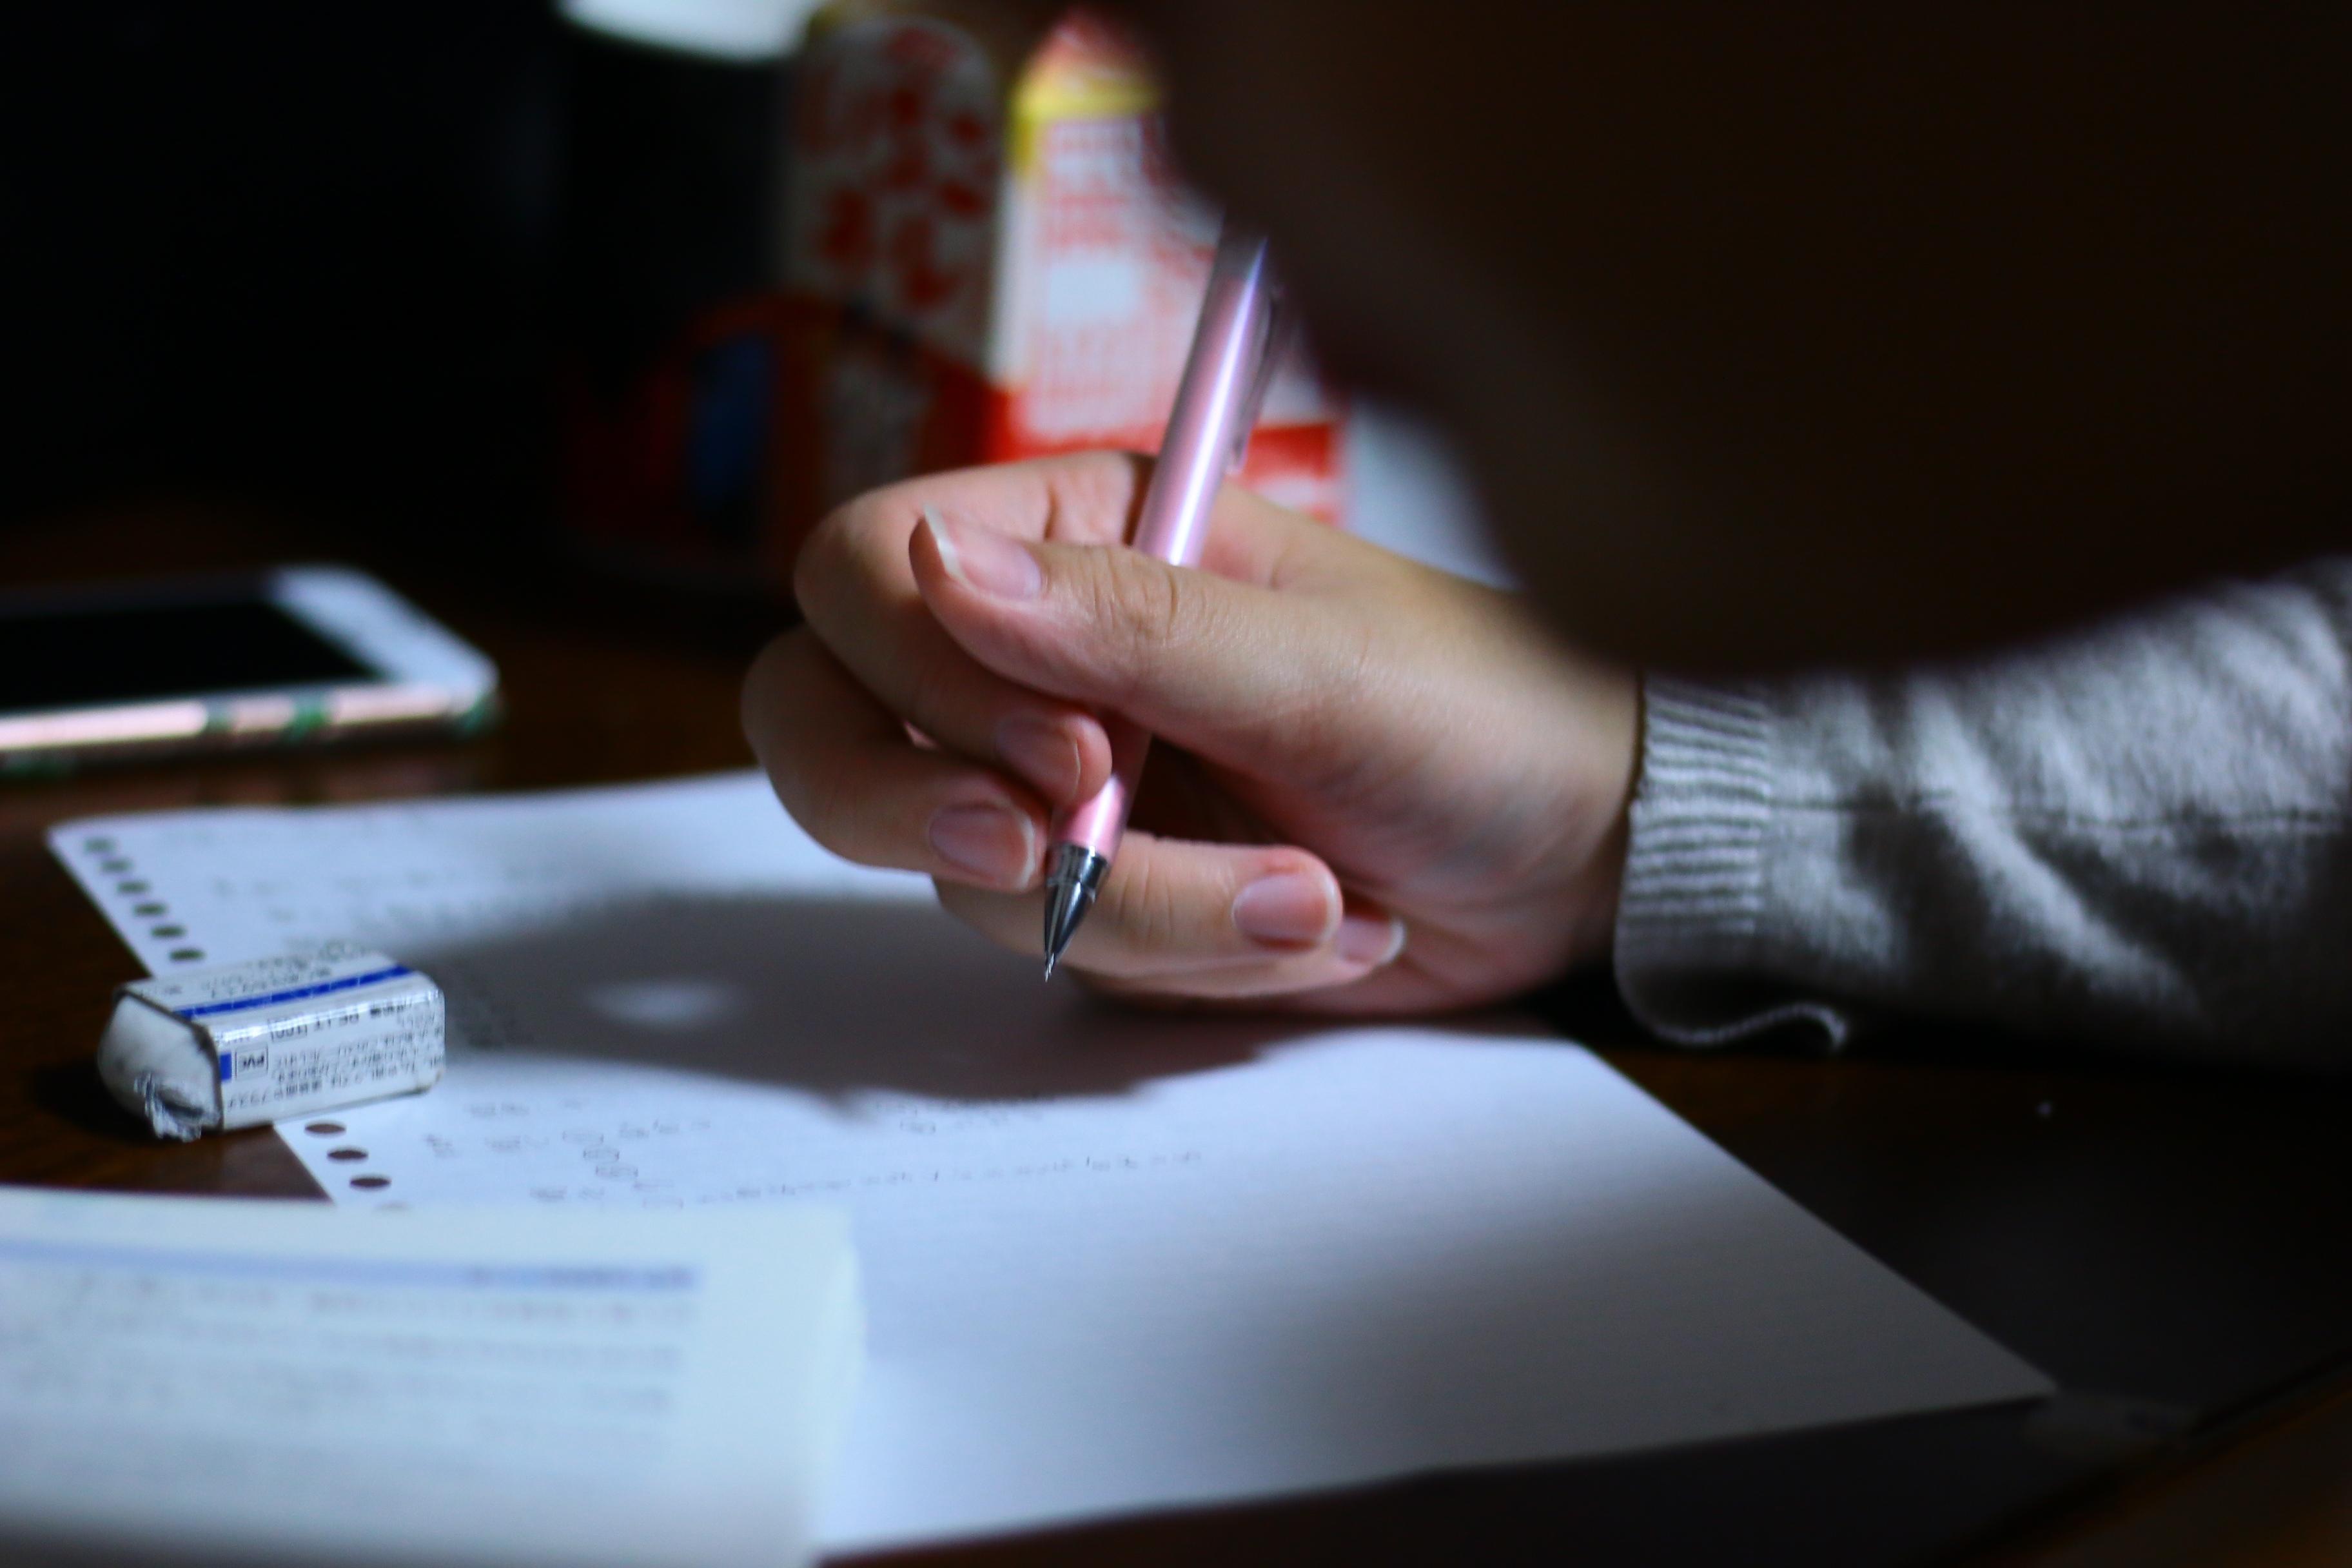 女の子がペンで何かを書いている写真